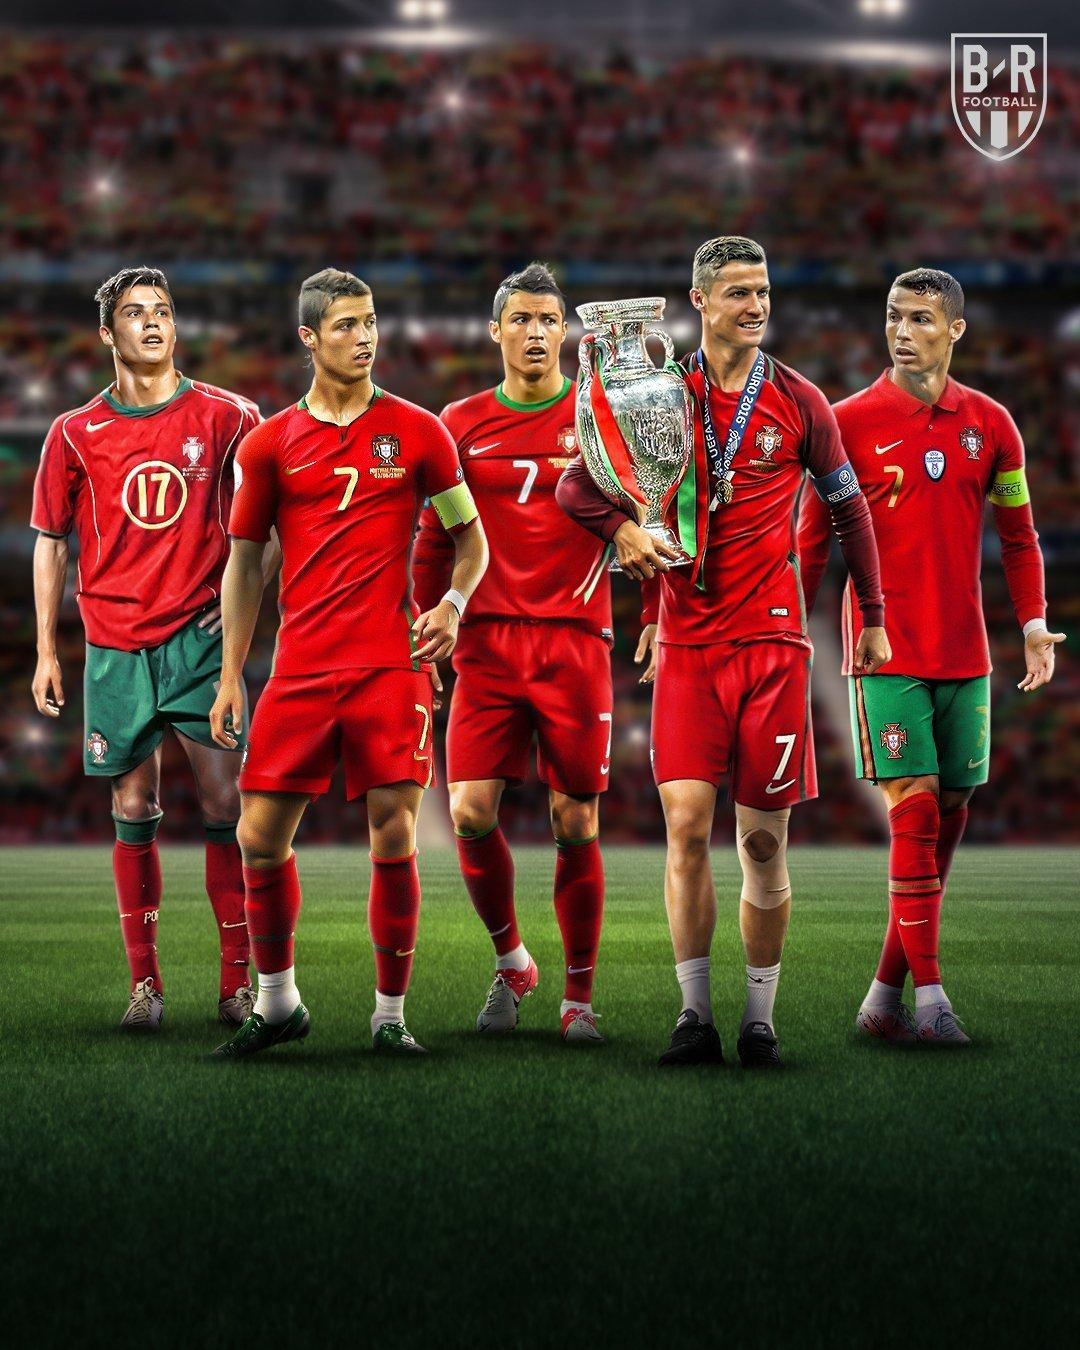 连续5次参加欧洲杯,历史第一人。